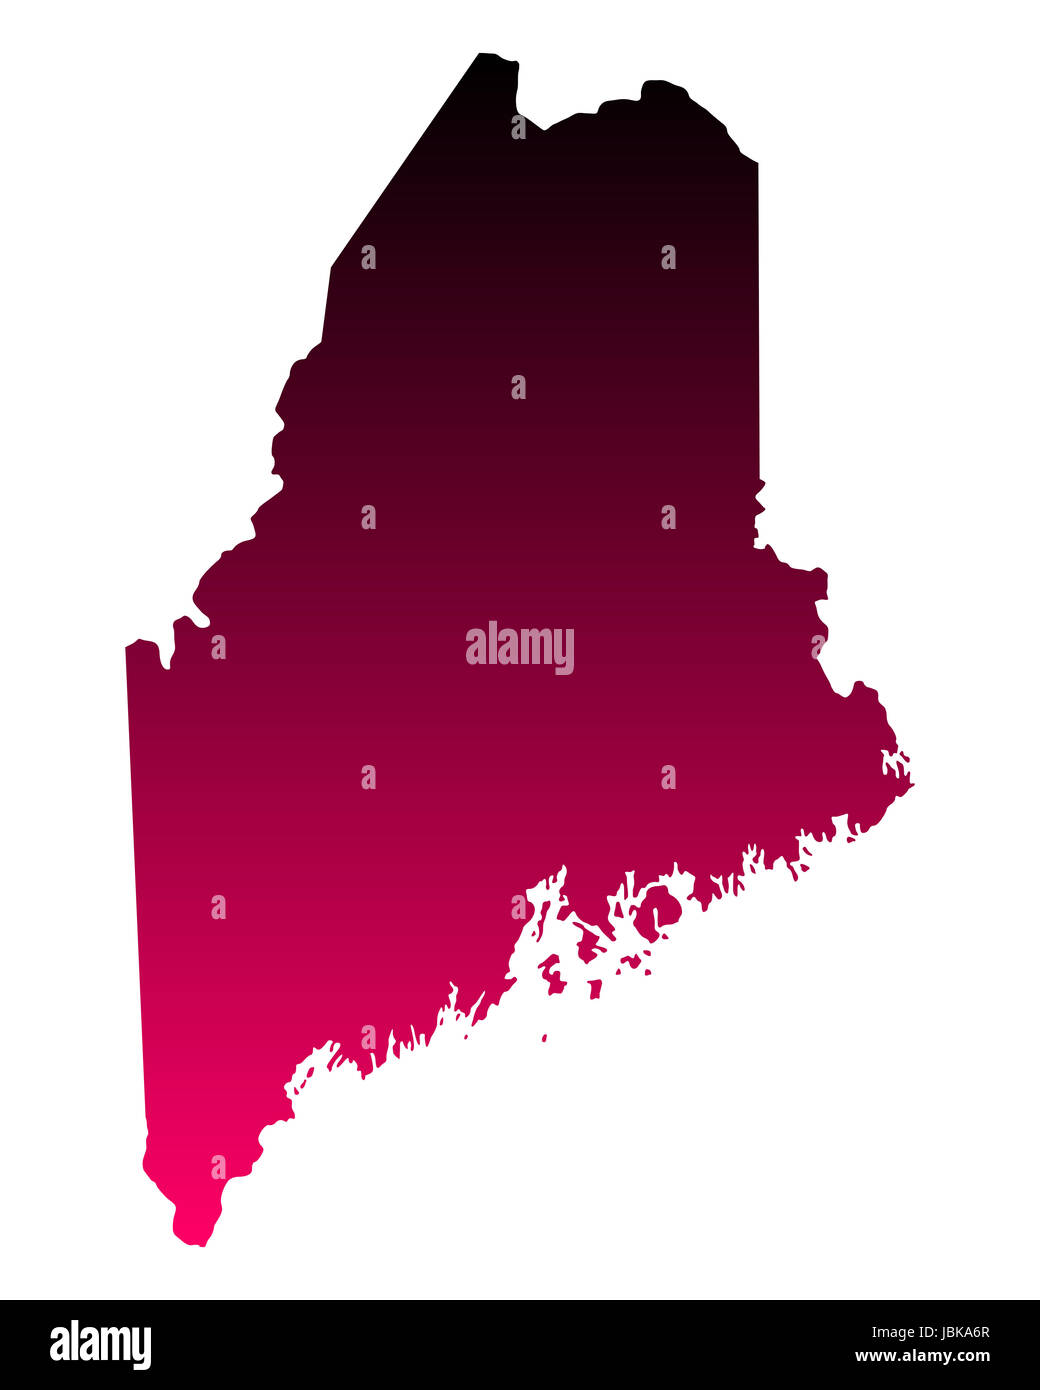 Karte von Maine - Stock Image